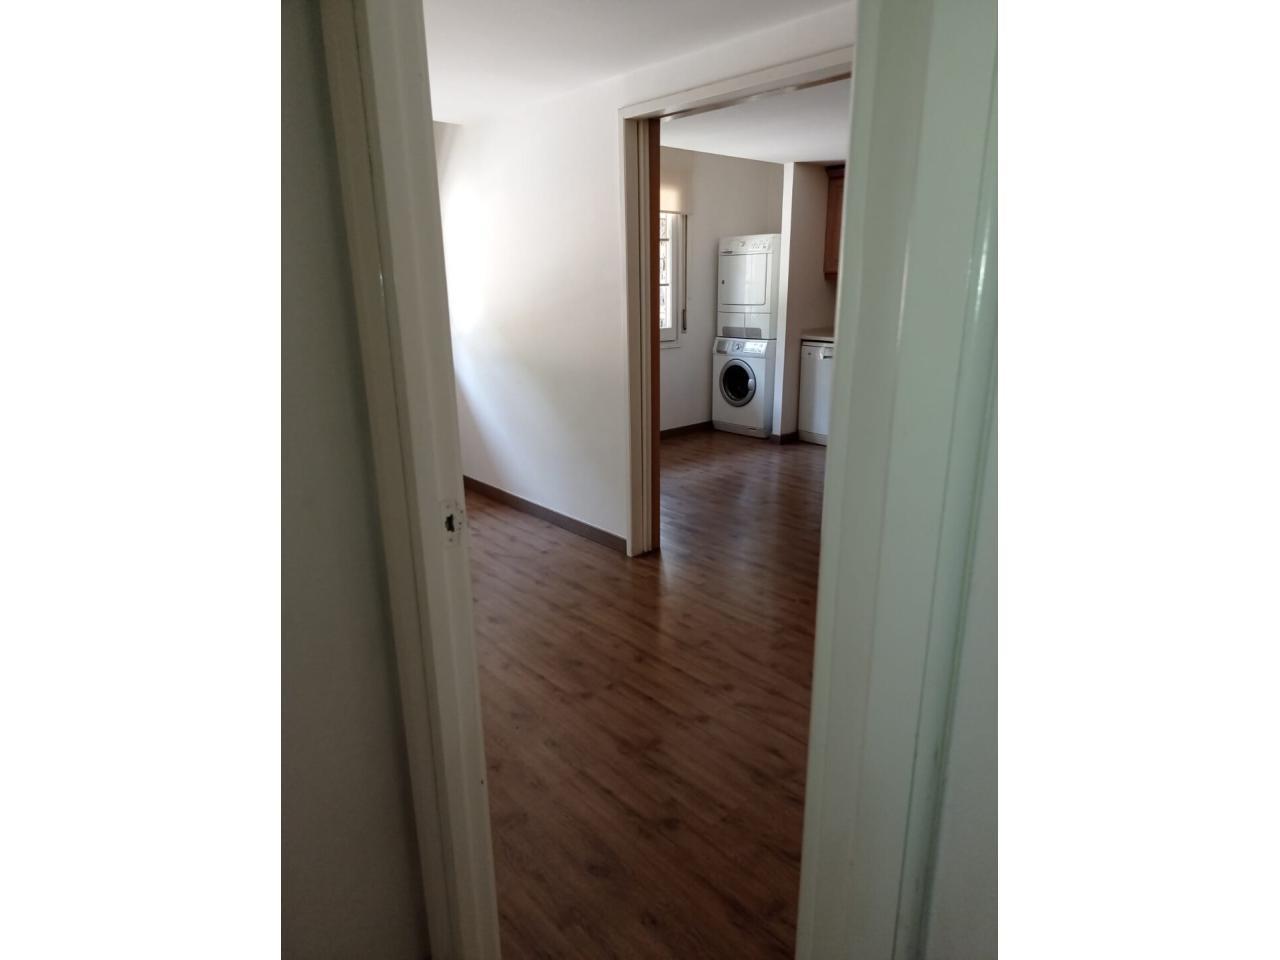 Pis en venda a Escaldes-Engordany - Immobiliària Cortals - Andorra - Rèf. 0355